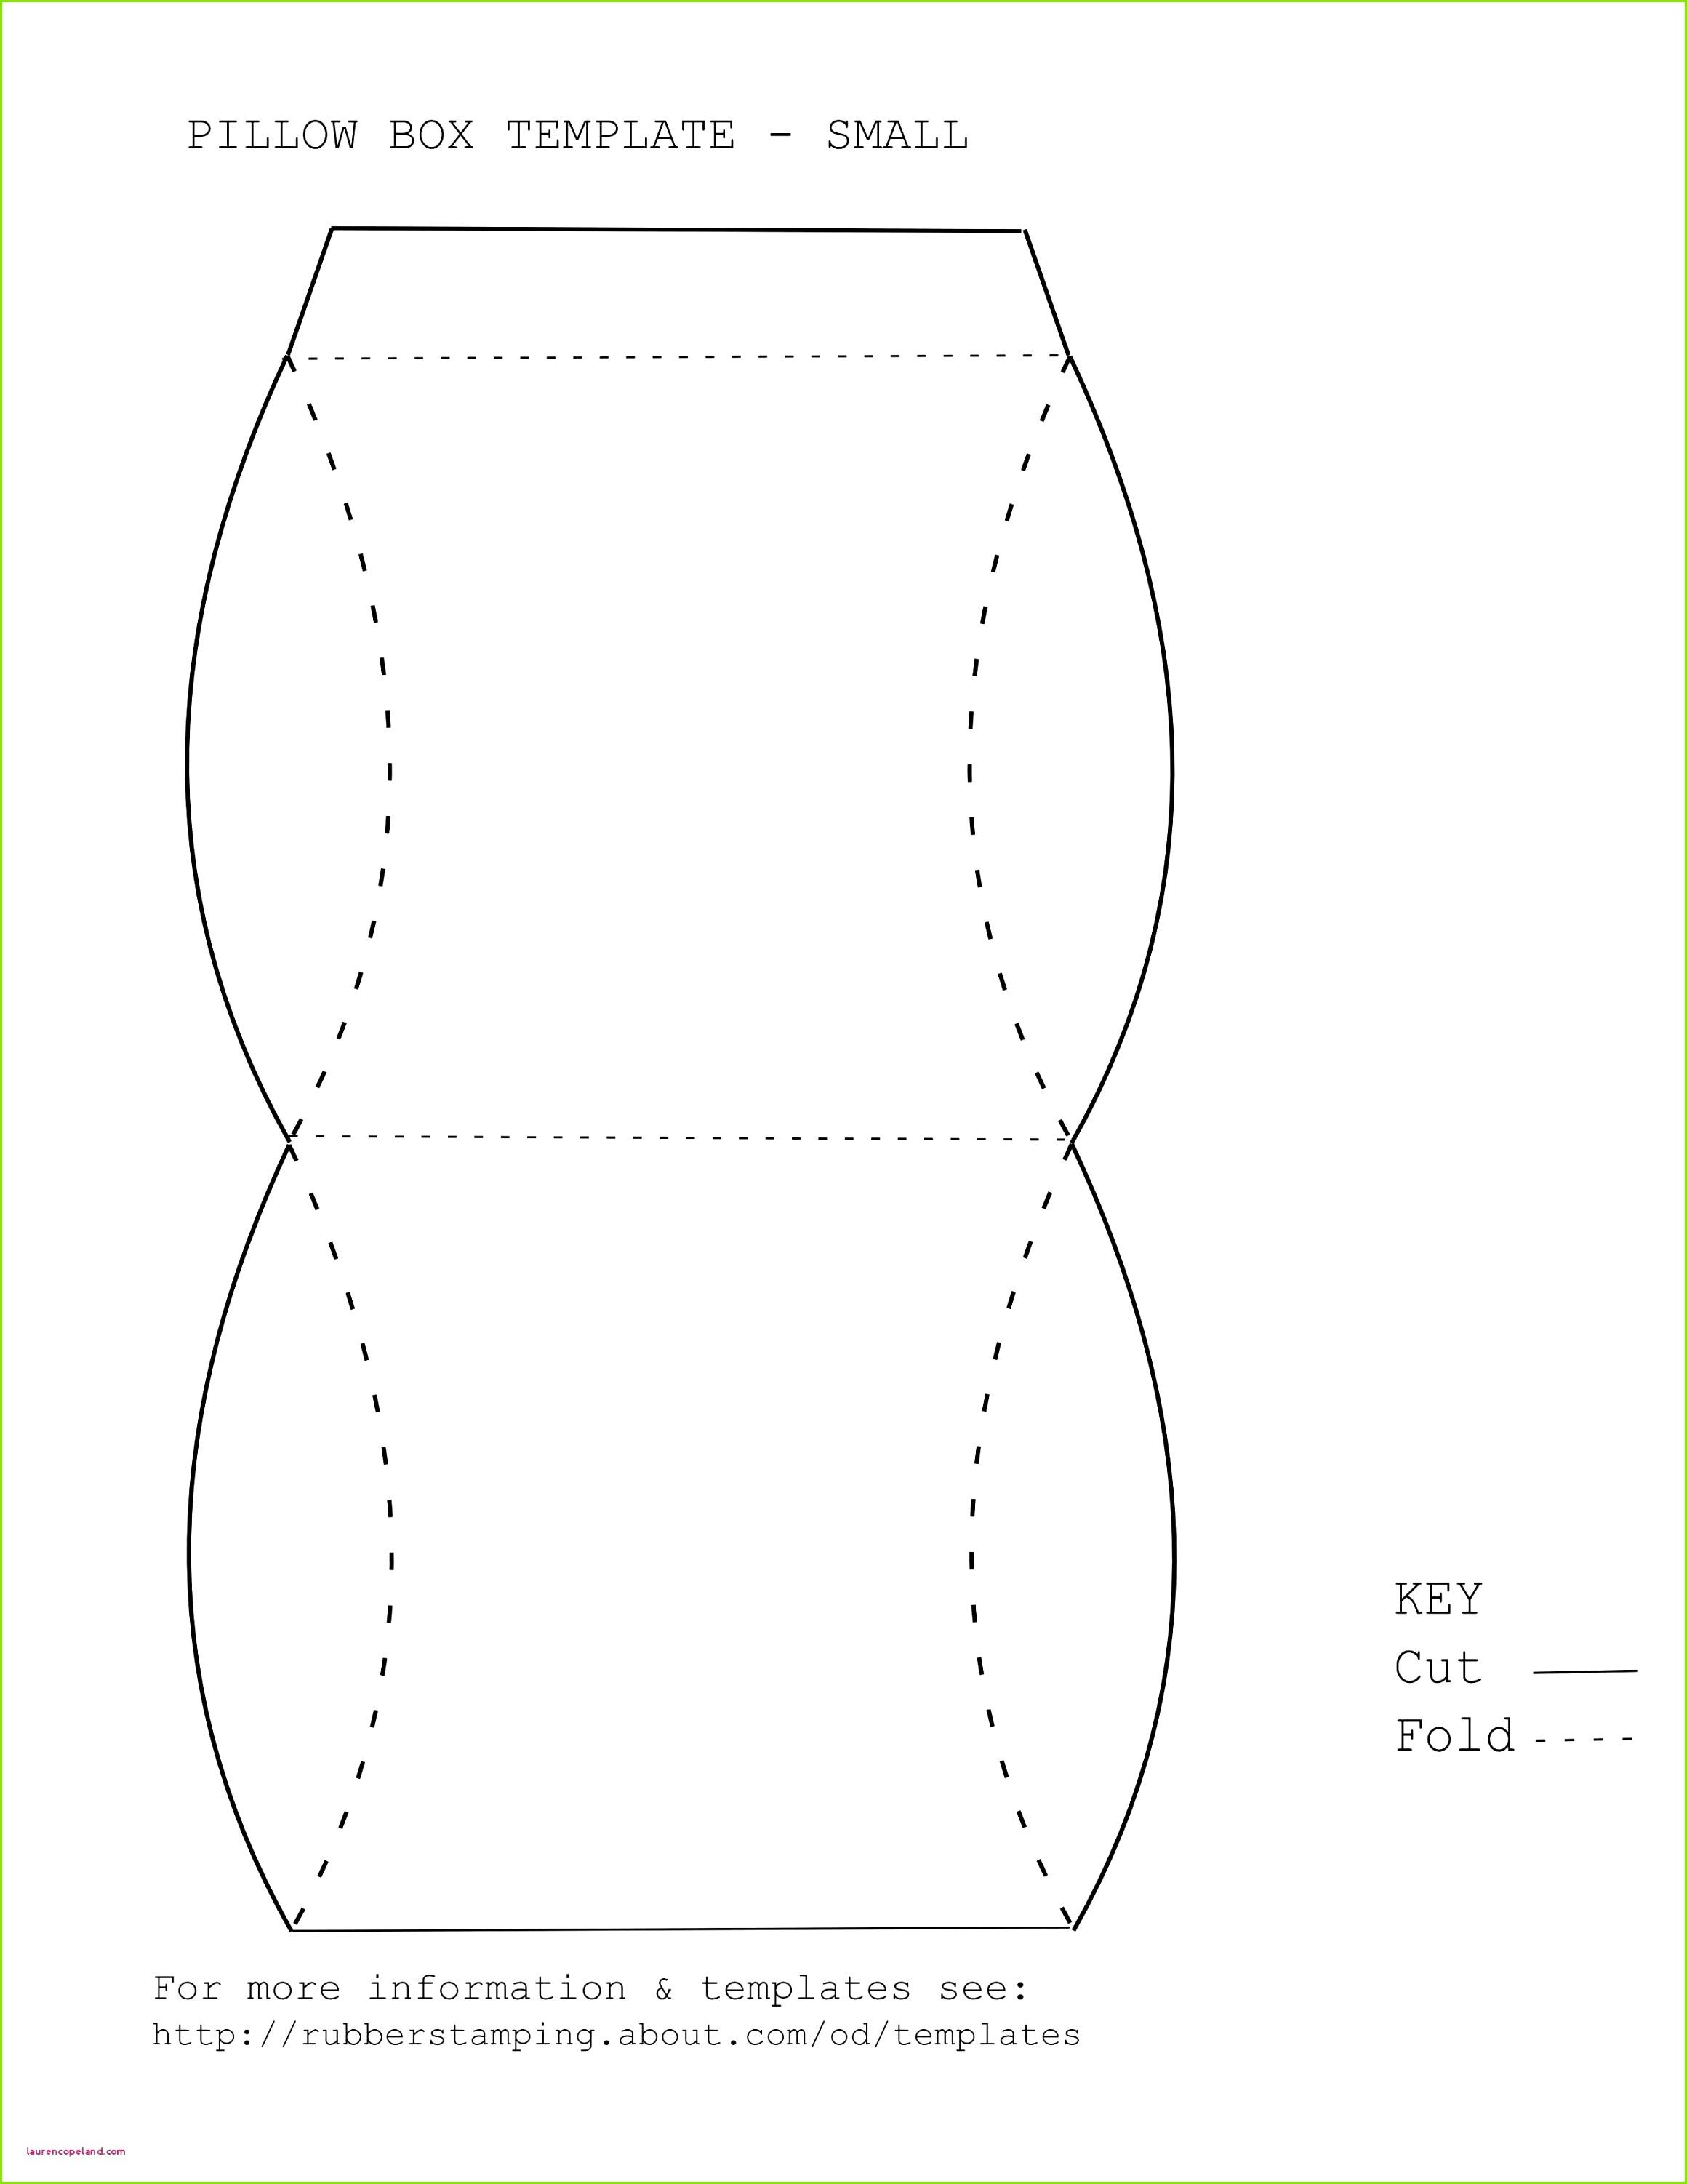 Schachtel Basteln Vorlage Zum Ausdrucken 44 Frisch Für Weihnachtsdeko Basteln Vorlagen Kostenlos Konzept